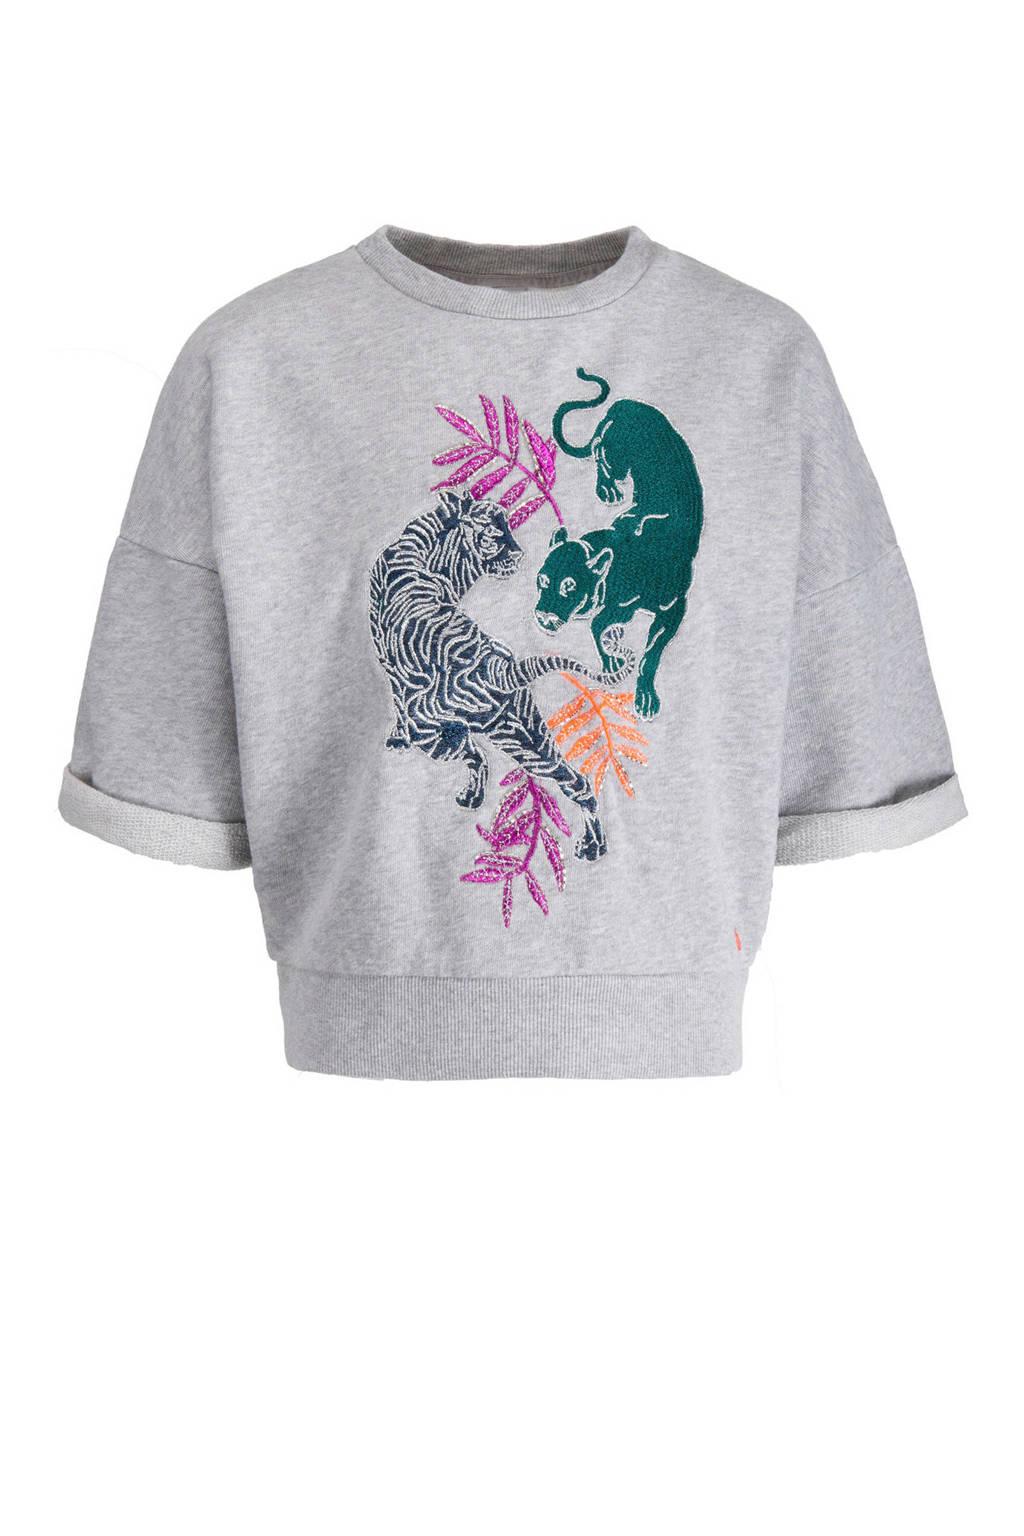 CKS KIDS sweater Lavender met geborduurde tijgers grijs, Grijs